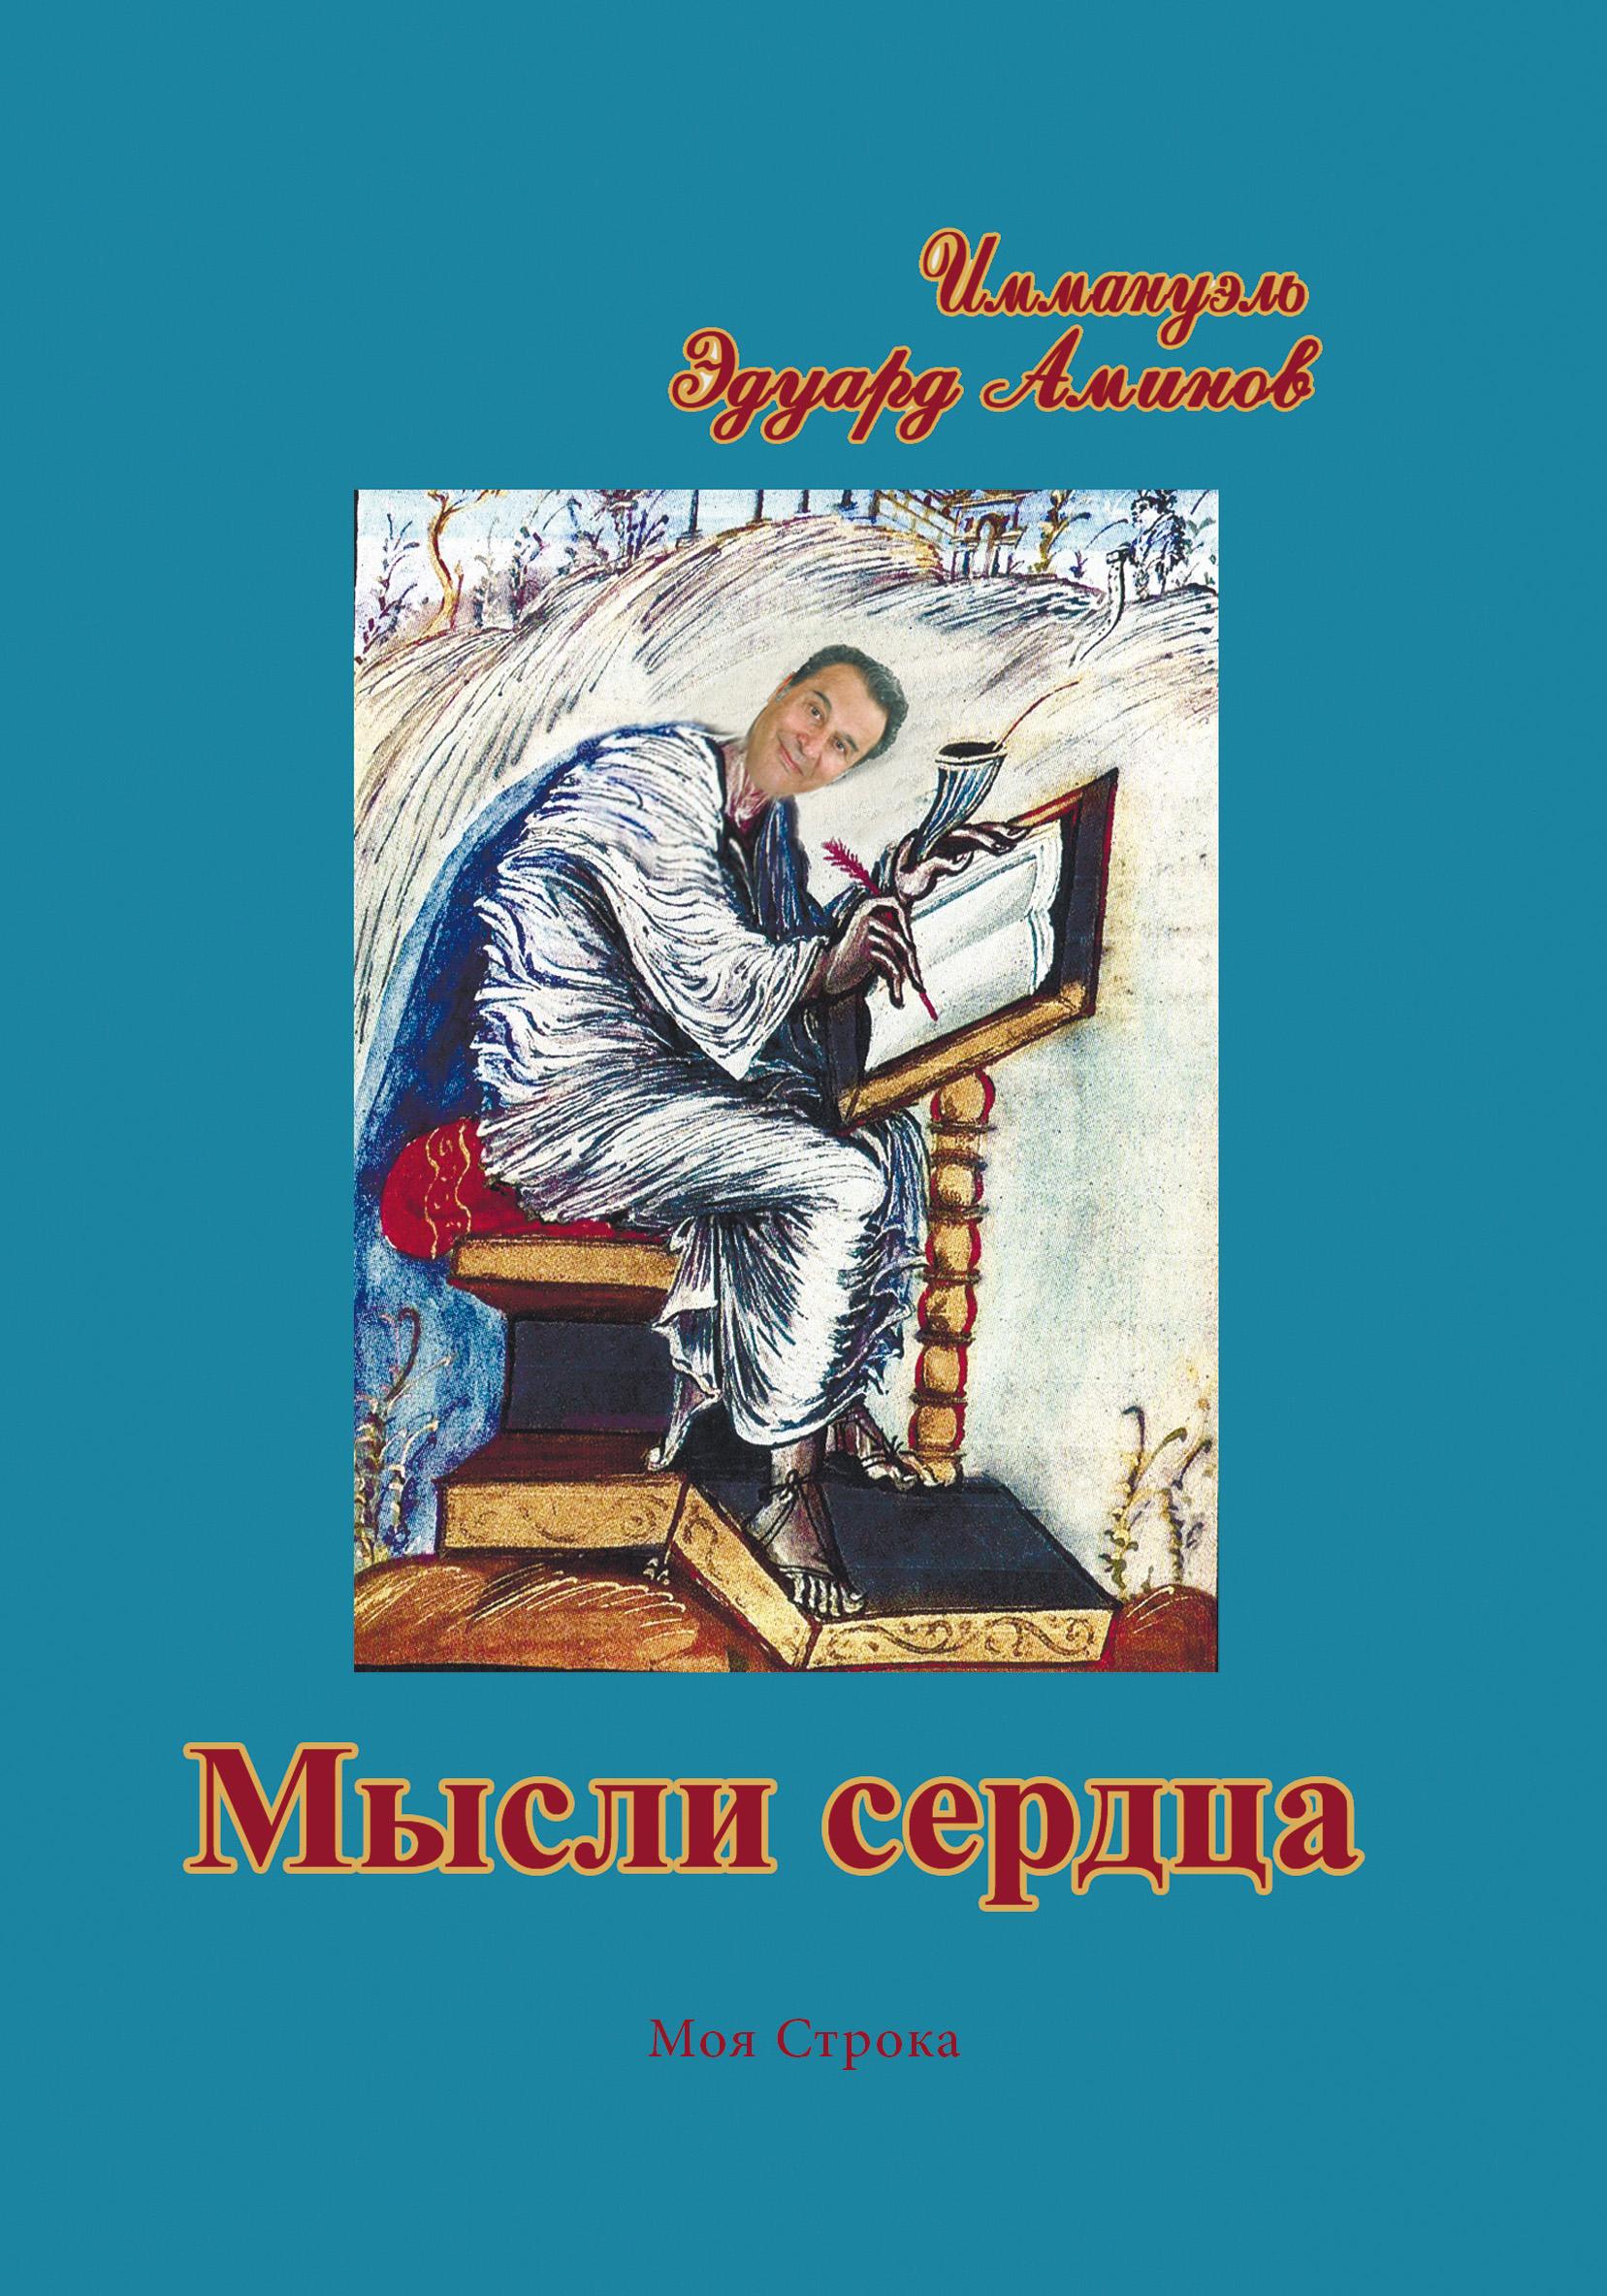 Эдуард Аминов Мысли сердца (сборник) шопенгауэр а мысли и размышления